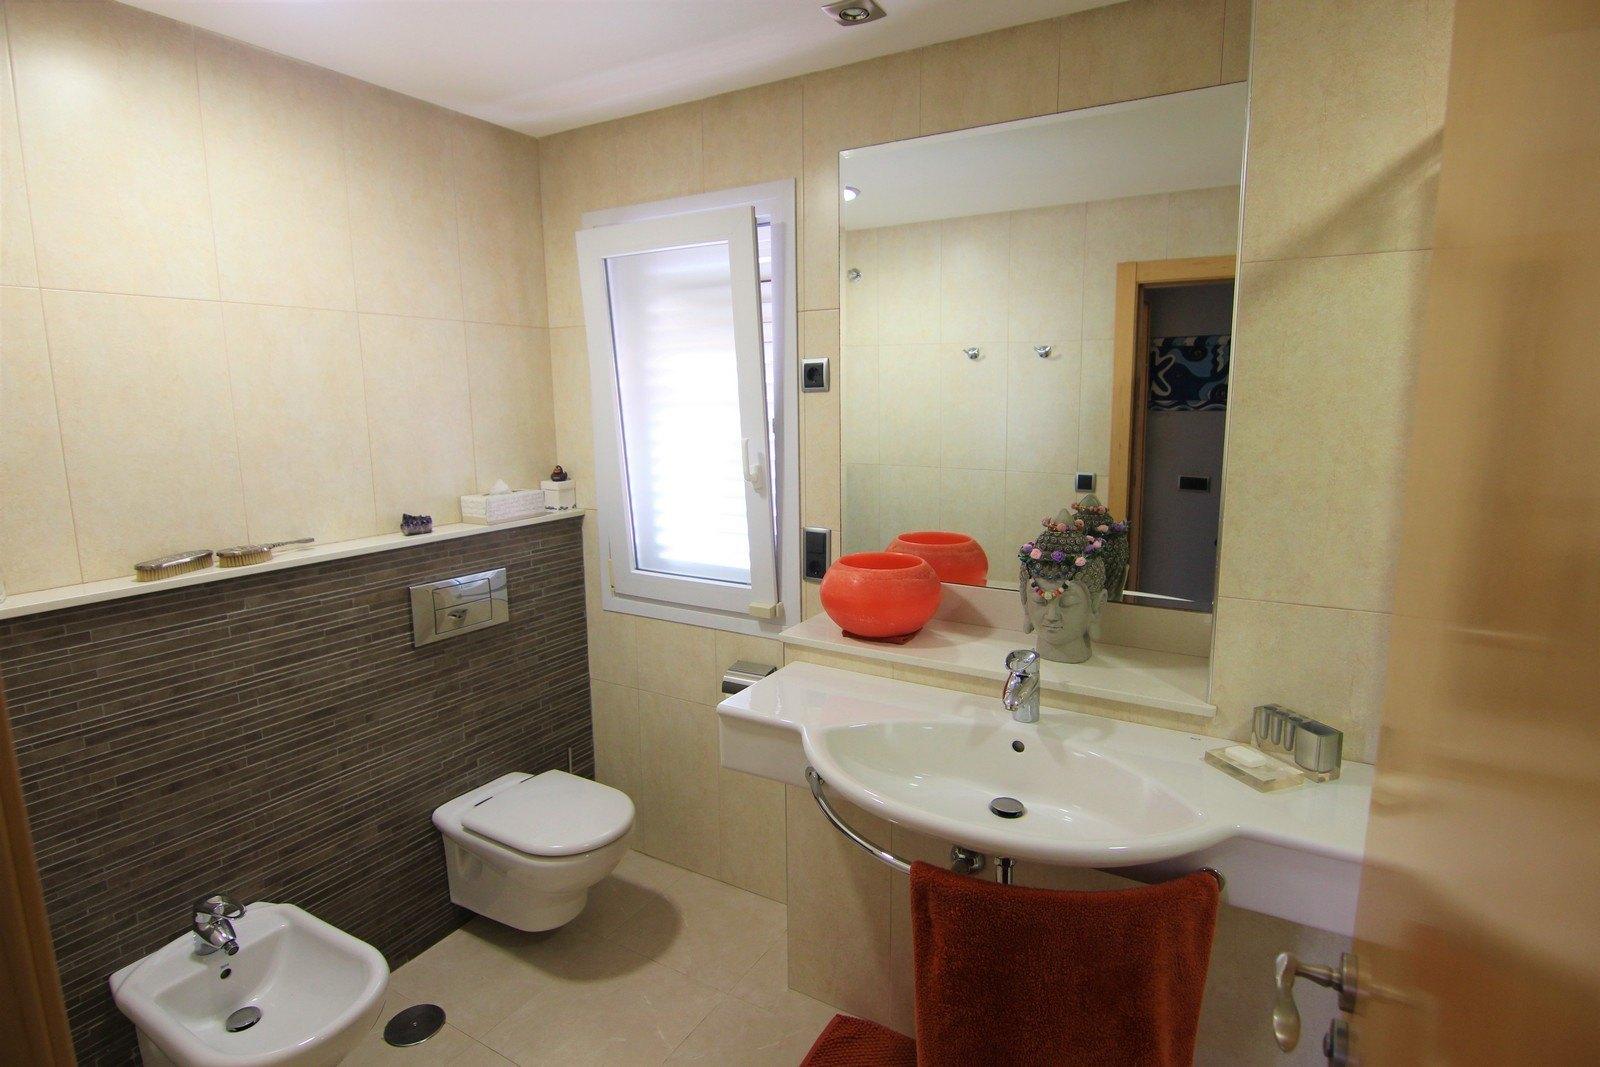 Wohnung zum Verkauf mit Pool in Calistros Benitatxell.